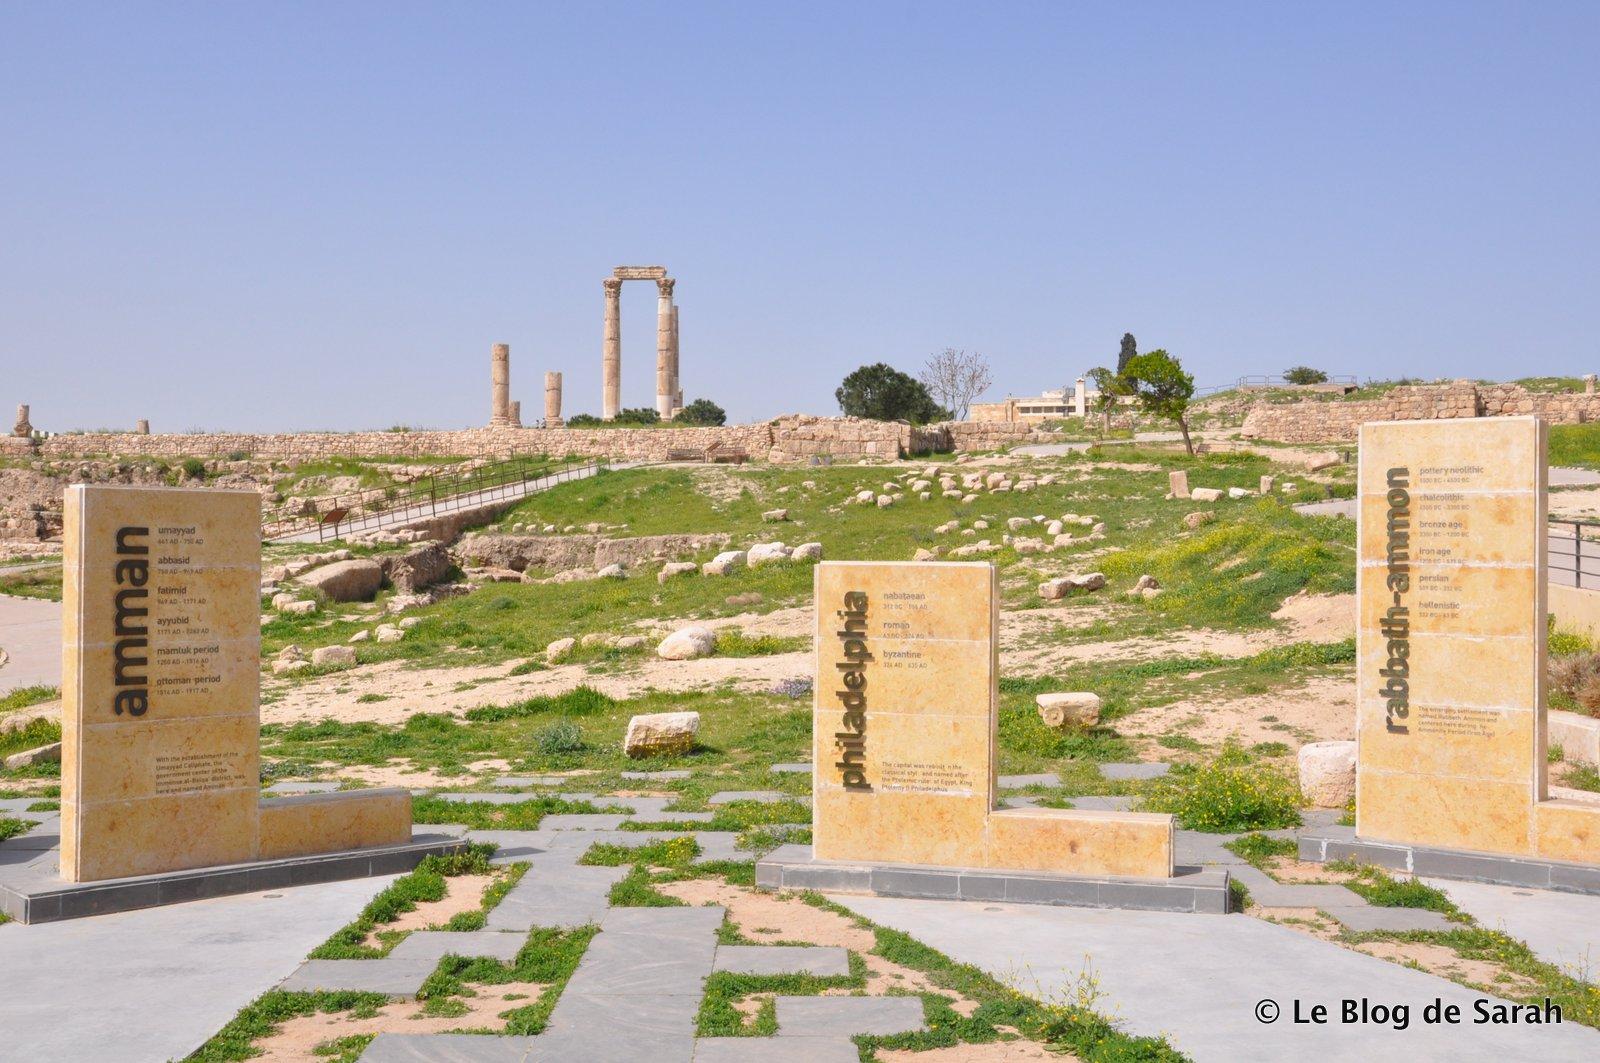 La ciudadela de Amman, con los tres nombres que la ciudad ha llevado, Rhabbat Ammon y Philadelphia